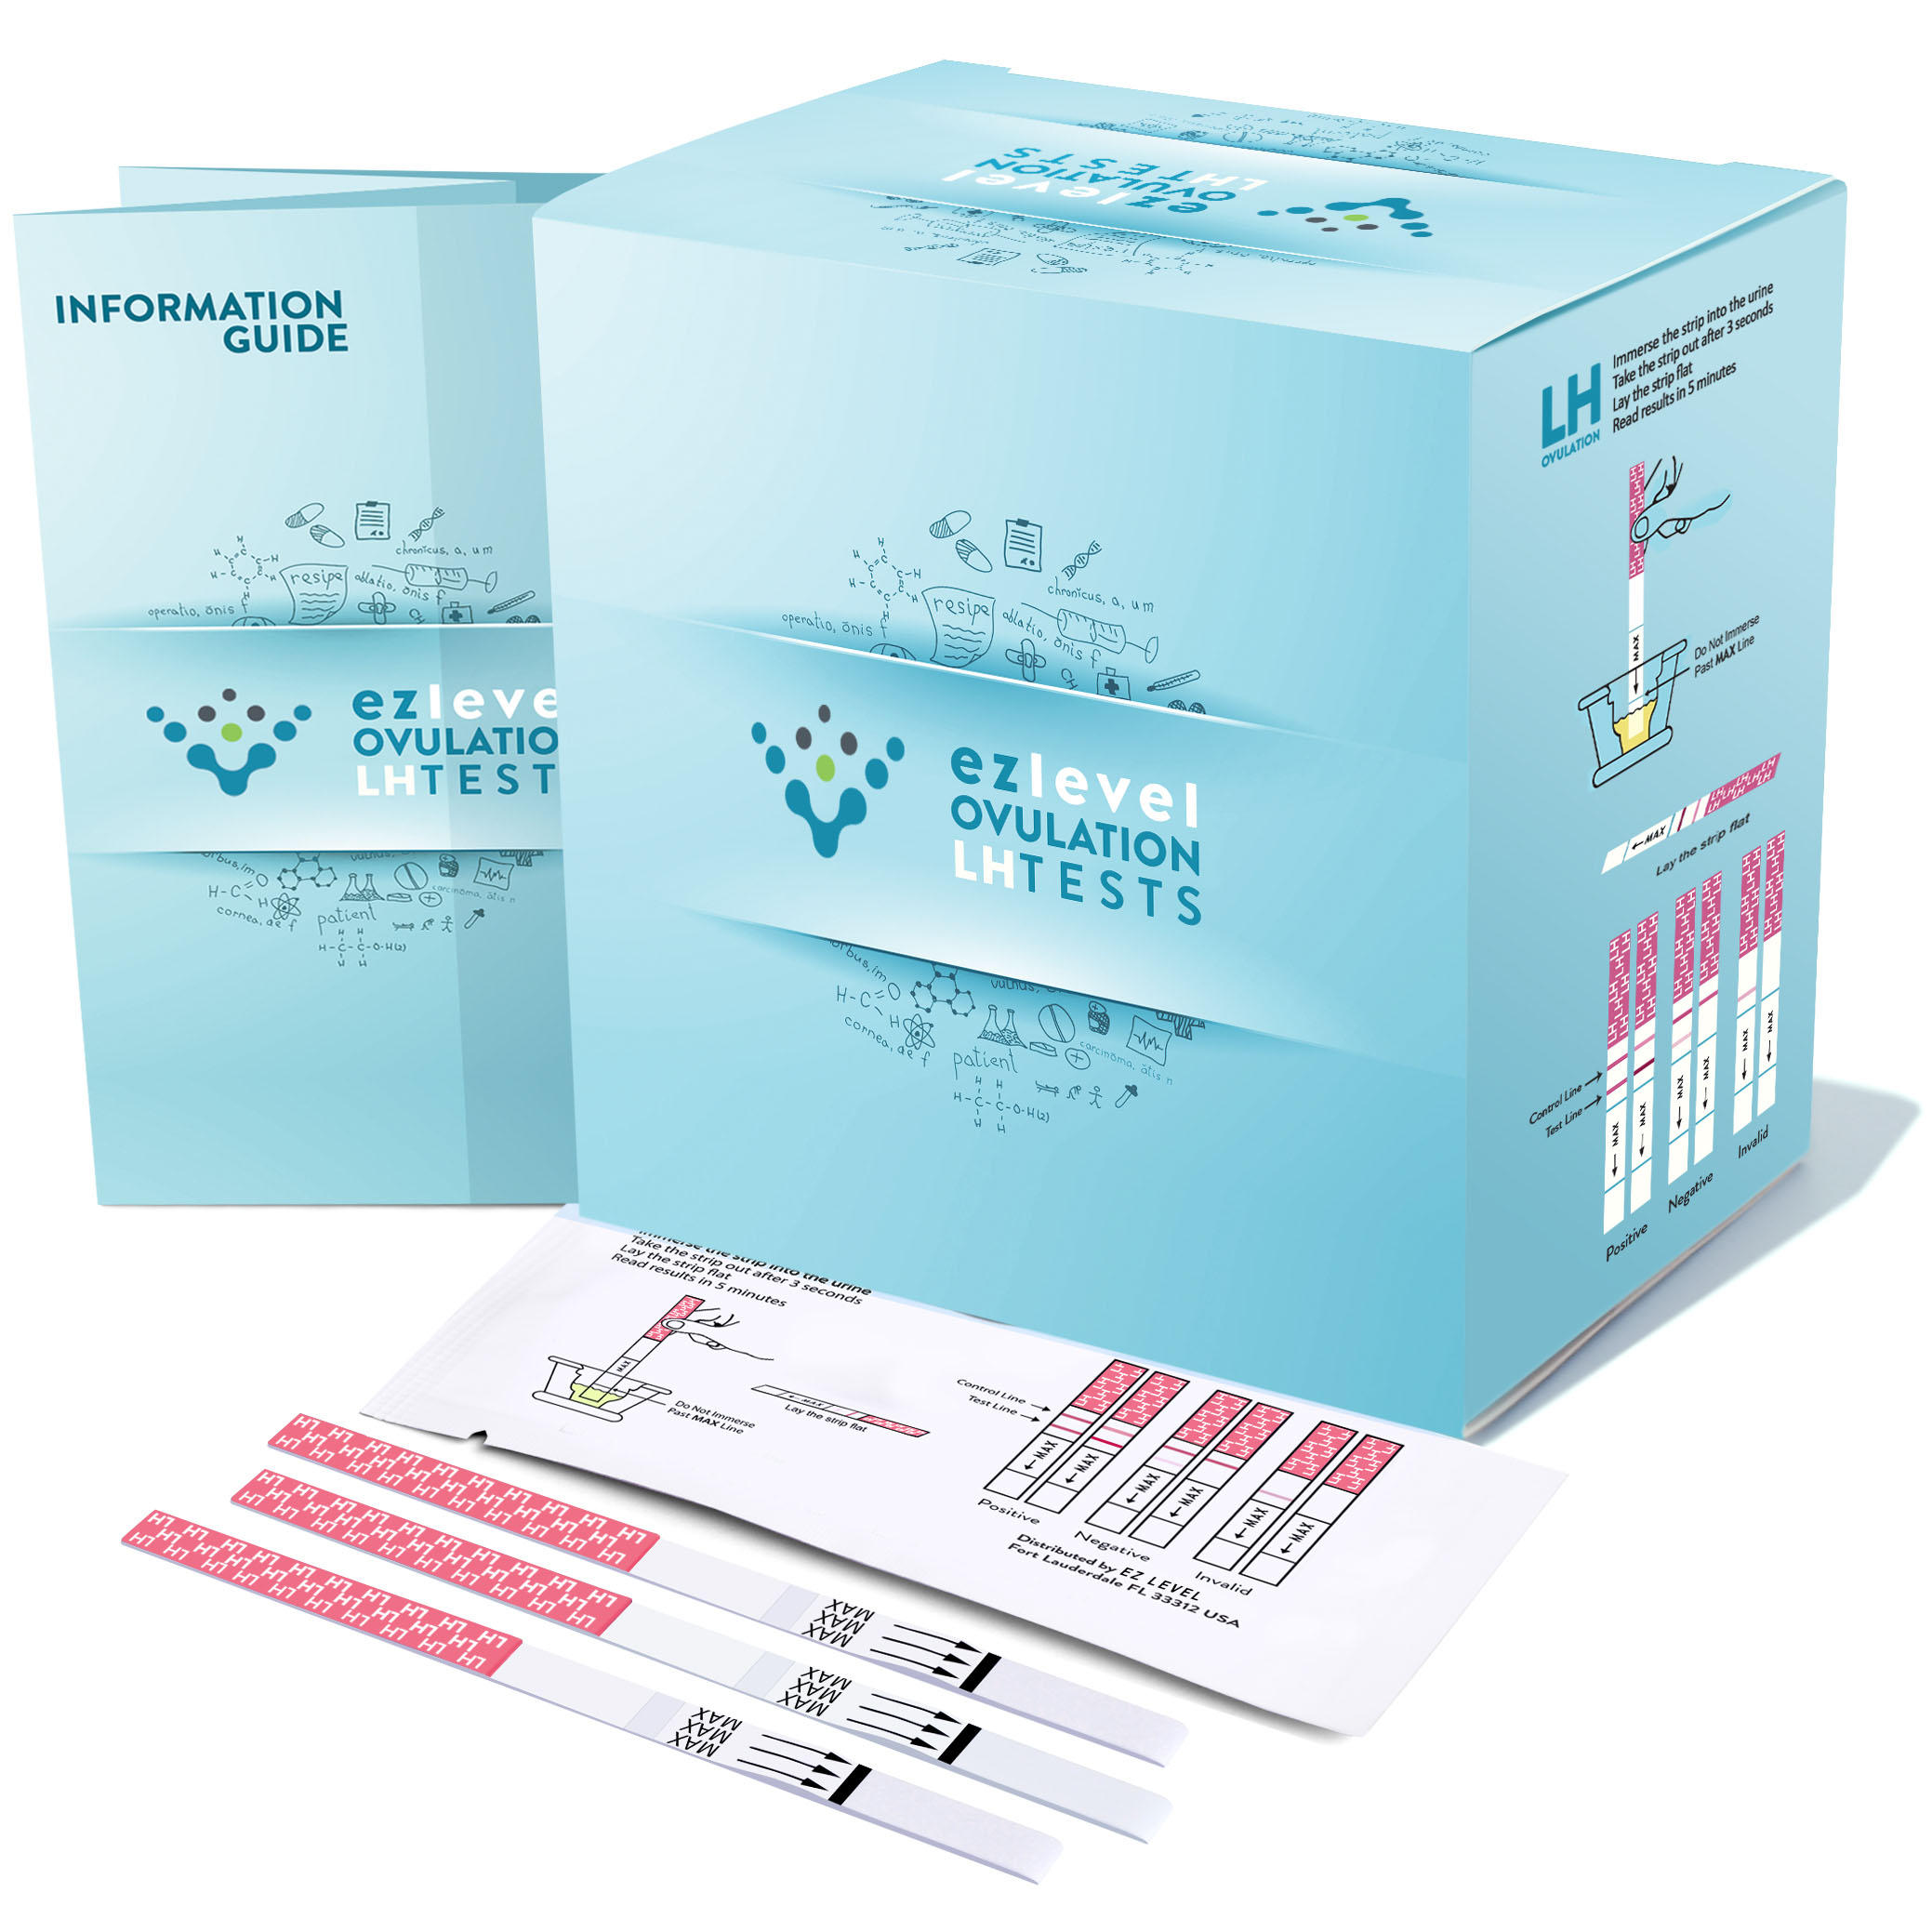 EZ Level 90 Ovulation Test Strips LH Surge OPK Predictor Kit (90 LH)